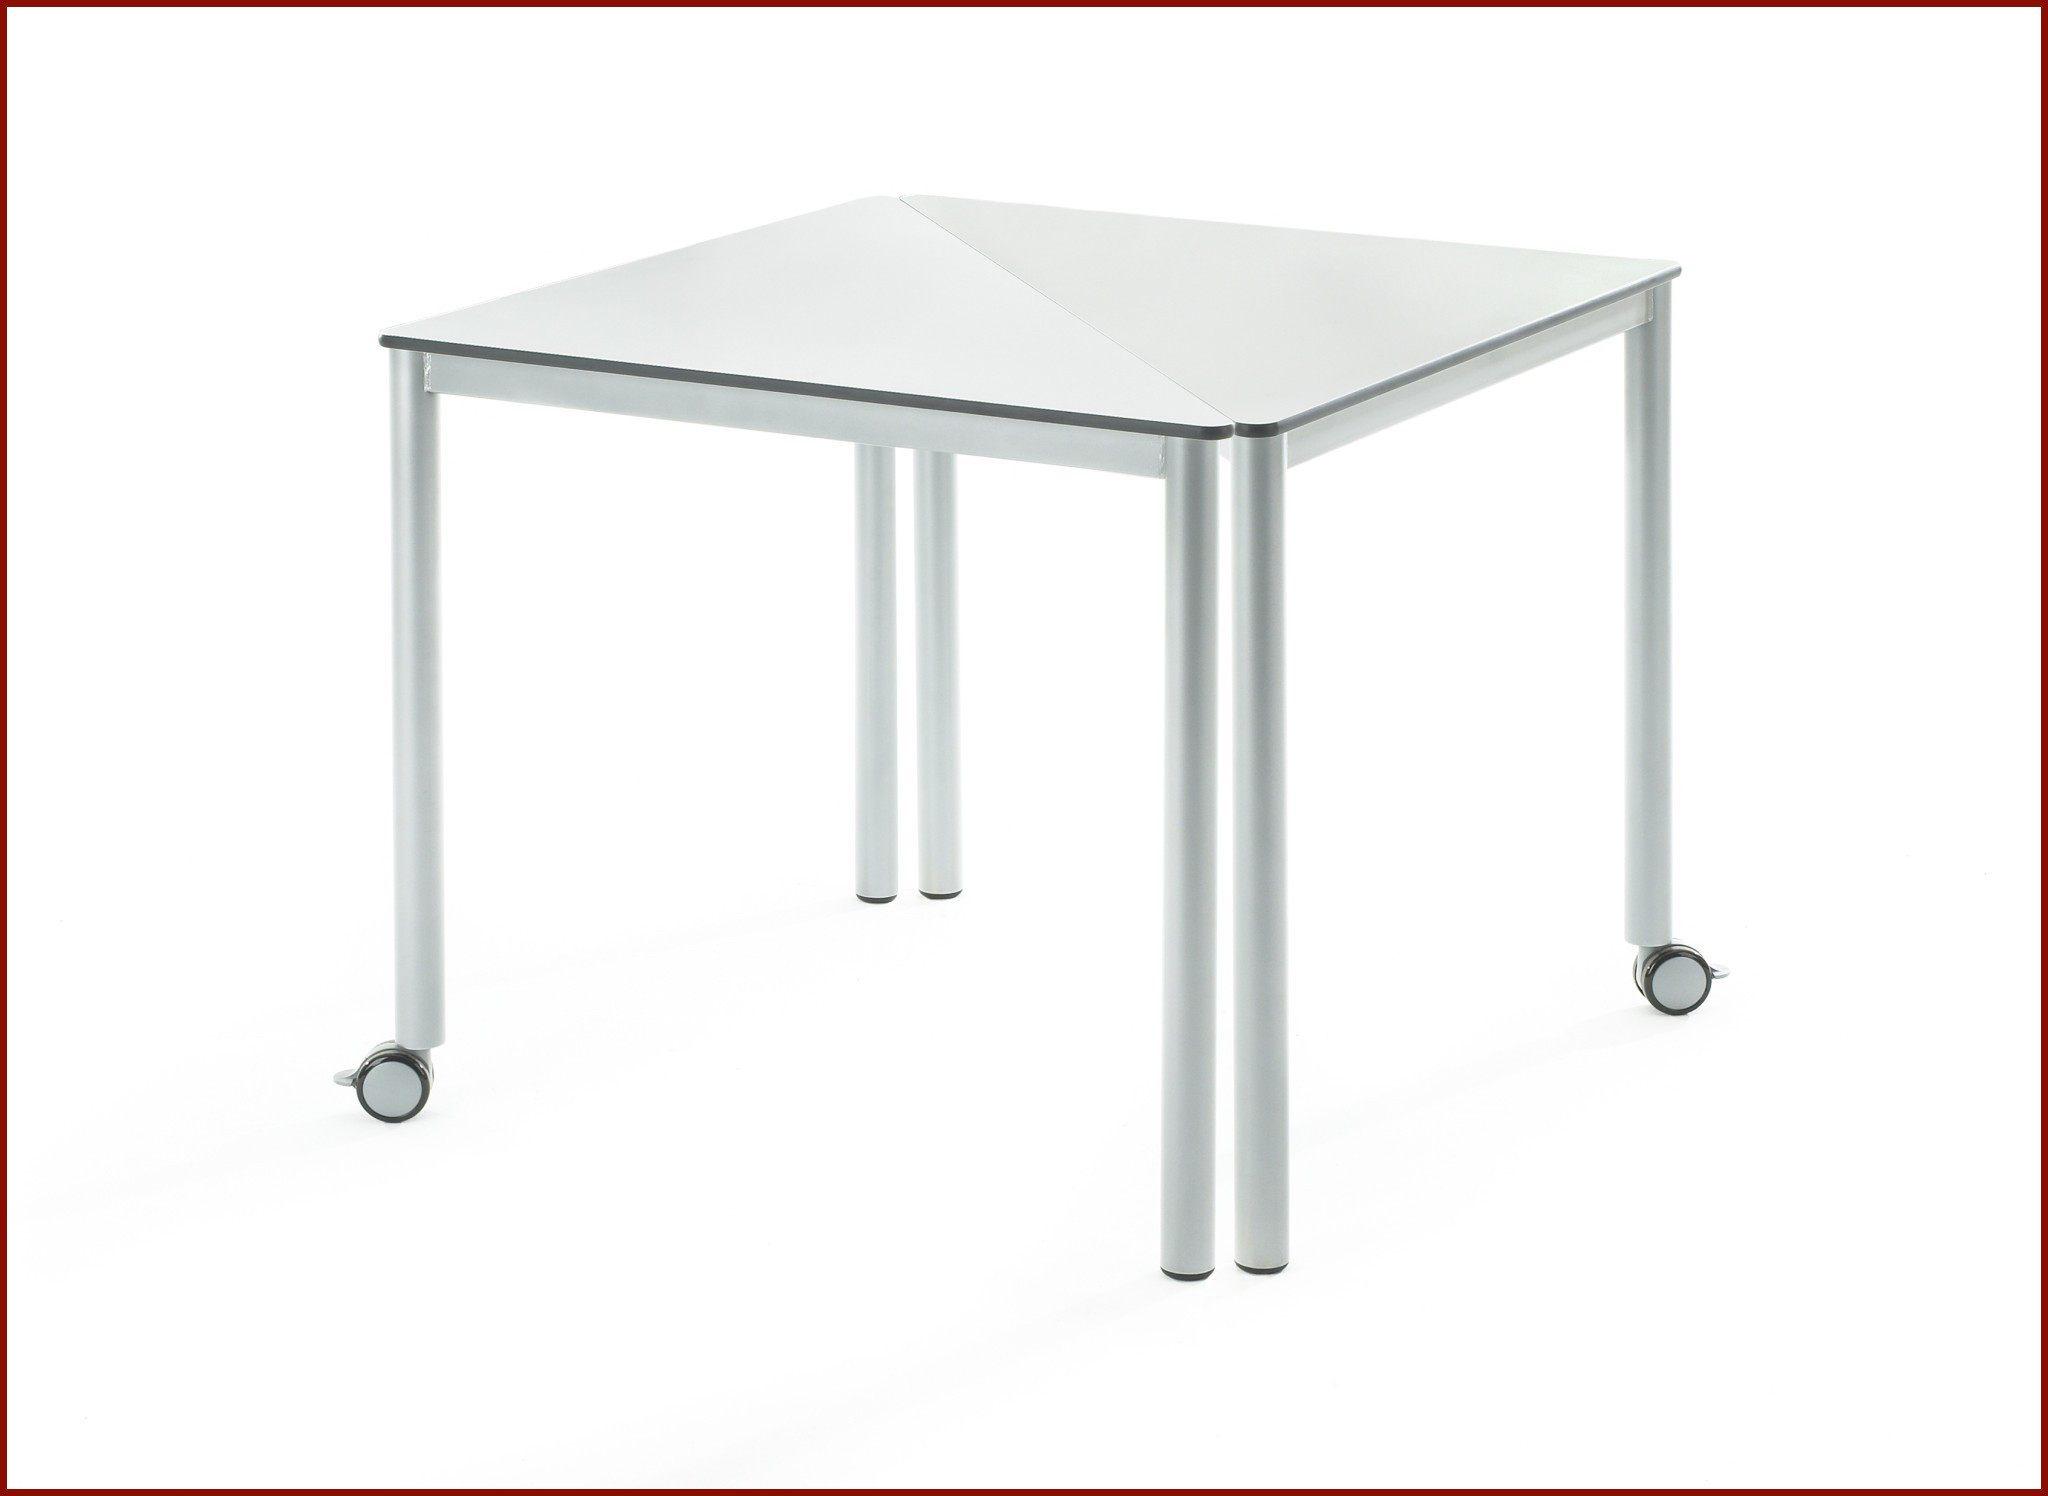 Lit En Bois Pliant Ikea Joli Table Bar Pliable Table Pliable Ikea New Lit En Bois Pliant Ikea